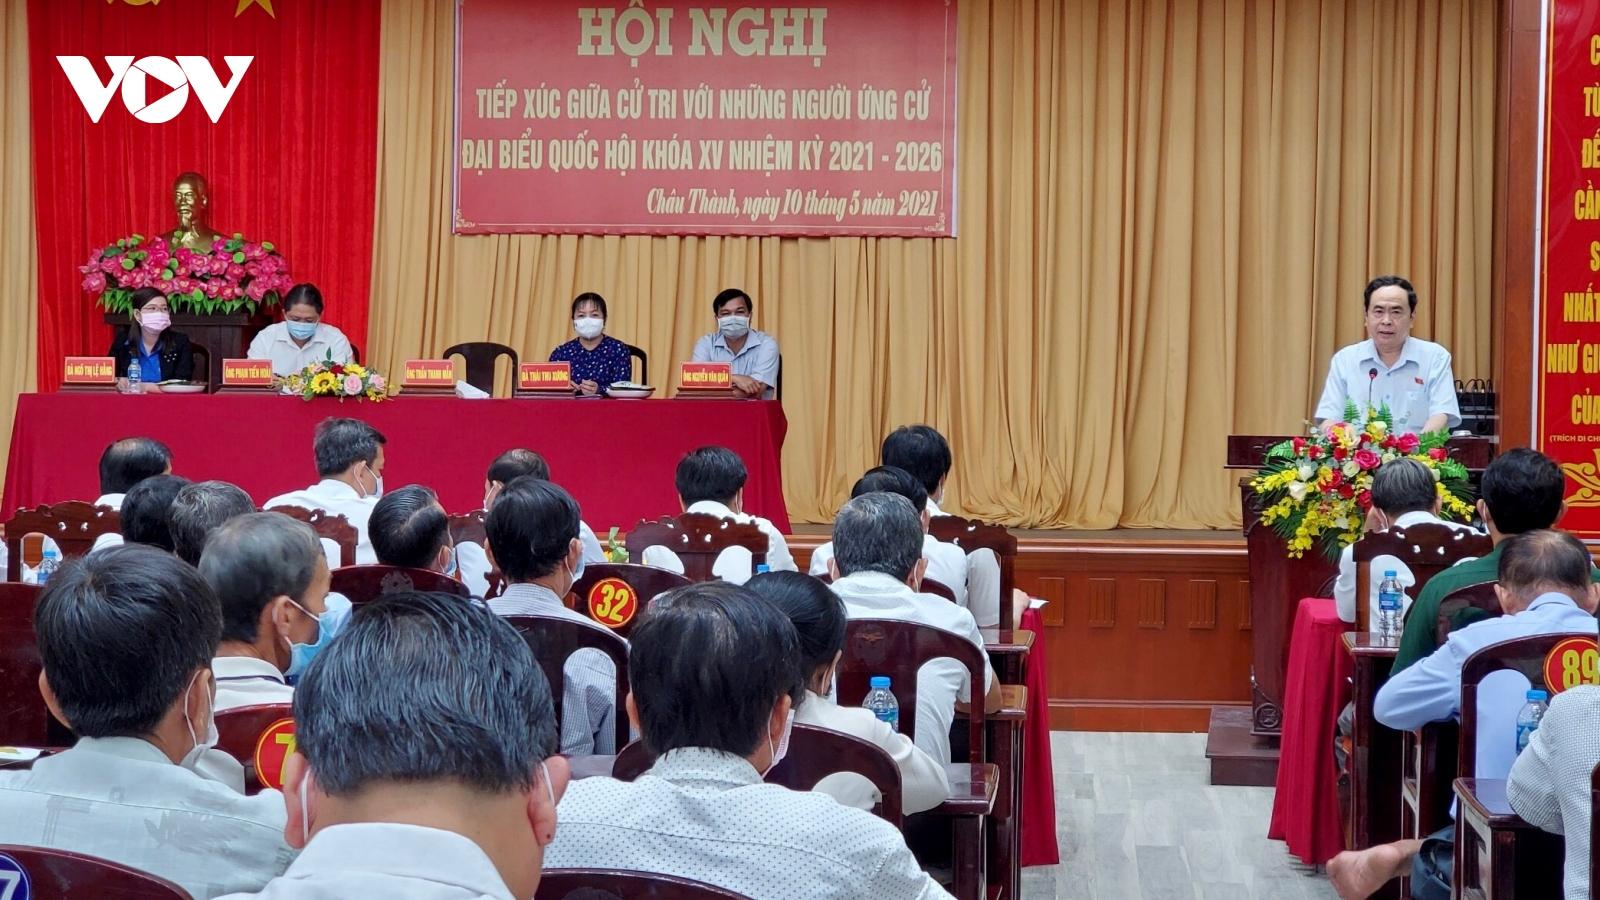 Ứng cử viên đại biểu Quốc hội khóa XV tại nhiều địa phươngtiếp xúc cử tri